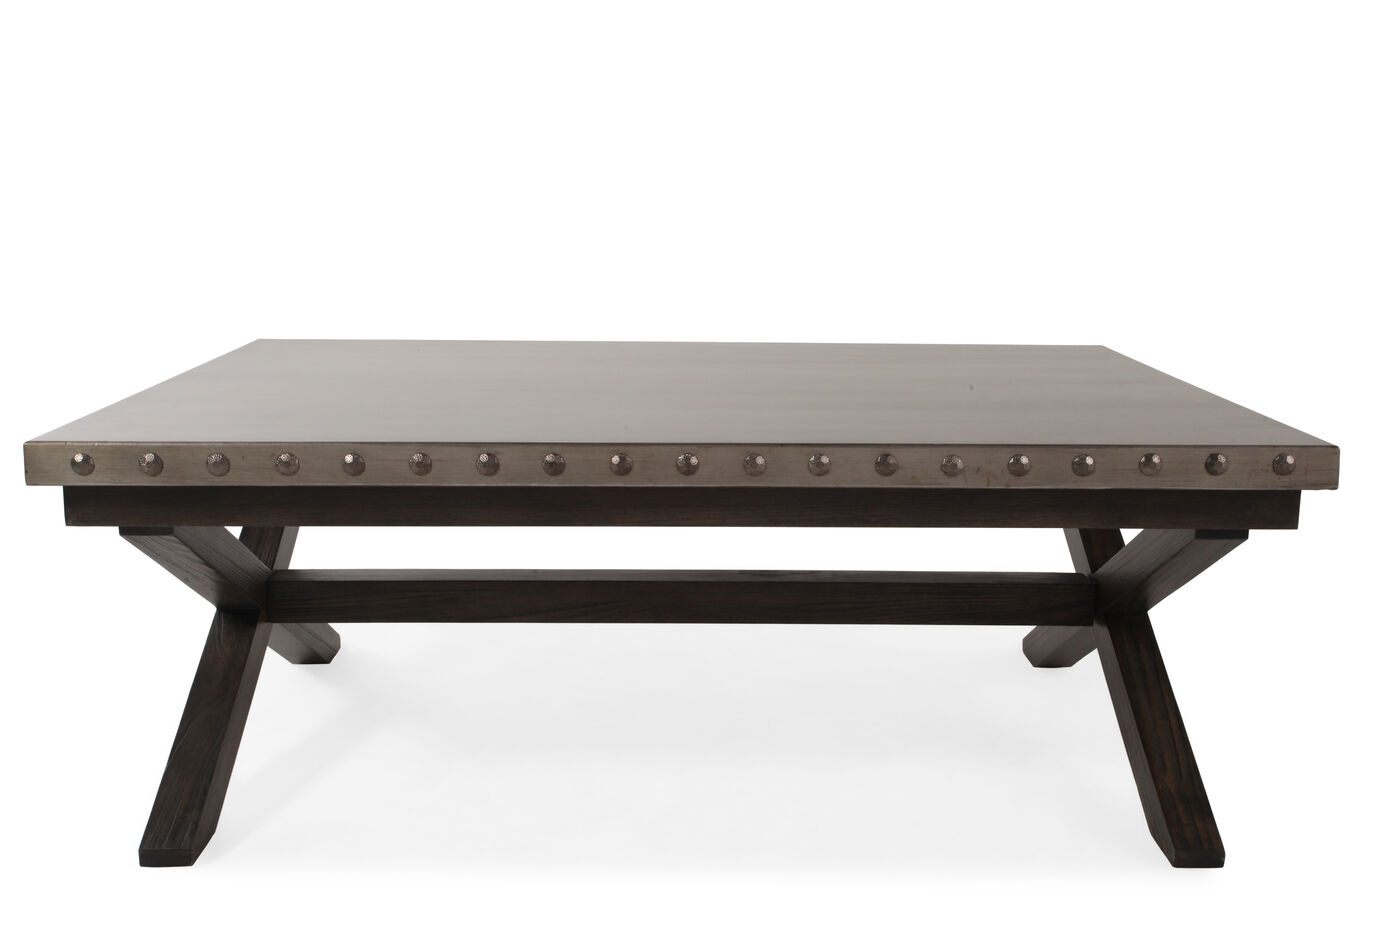 hooker vintage west x base cocktail table mathis brothers furniture. Black Bedroom Furniture Sets. Home Design Ideas